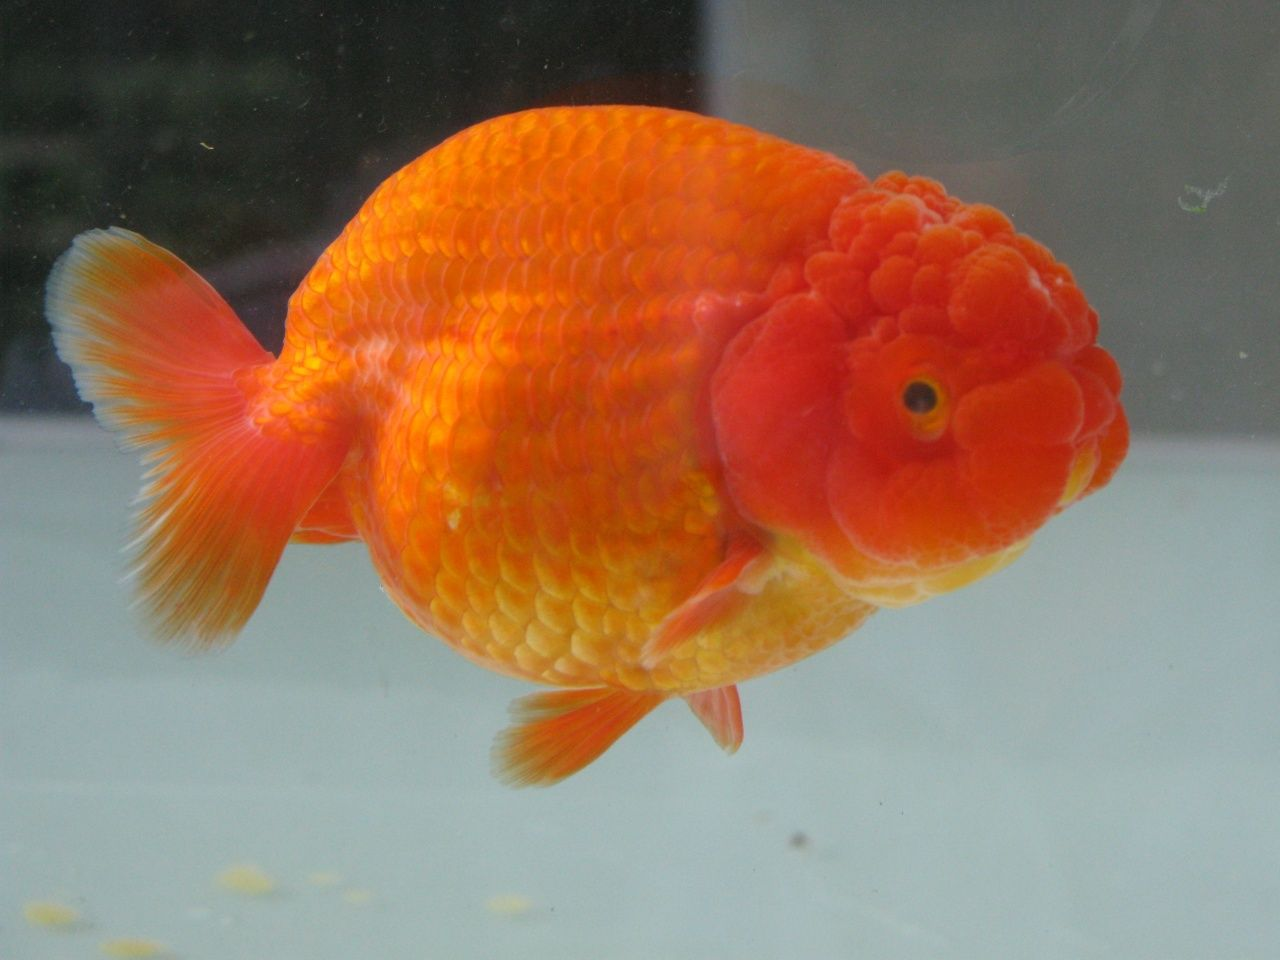 Pin By ปลาทอง ประเทศไทย On Goldfish แปลว า ปลาทอง Opera